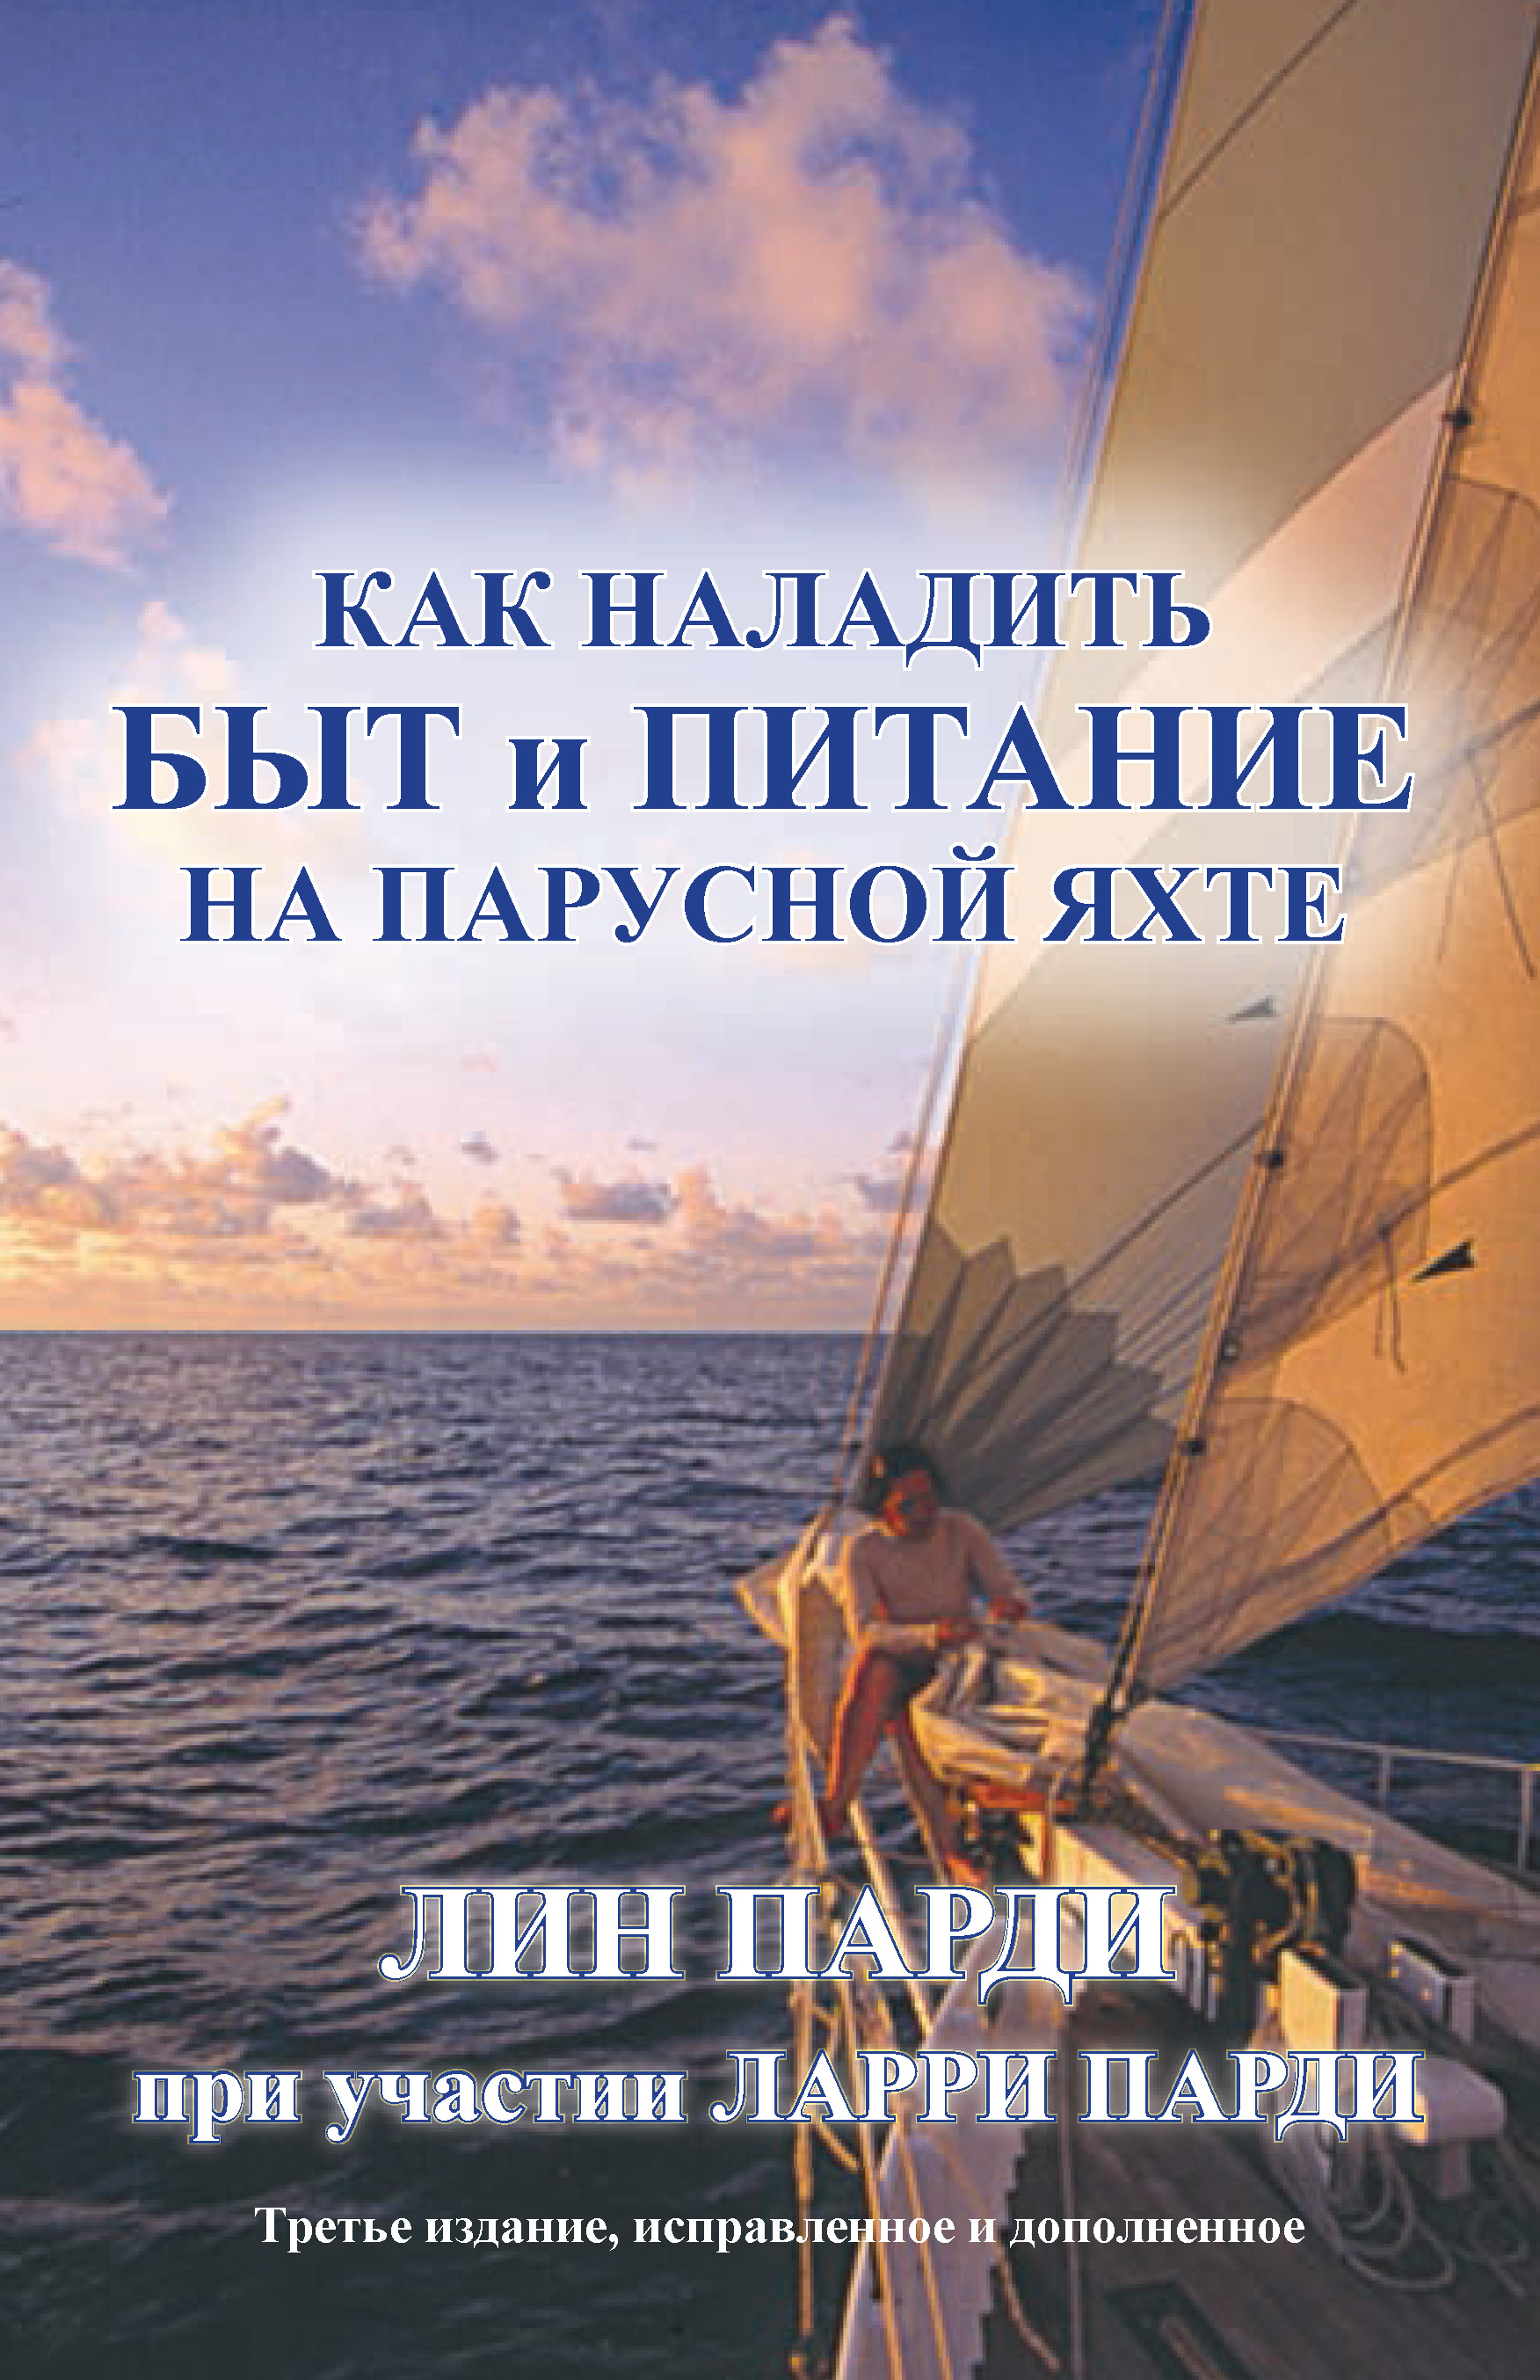 Ларри Парди Как наладить быт и питание на парусной яхте